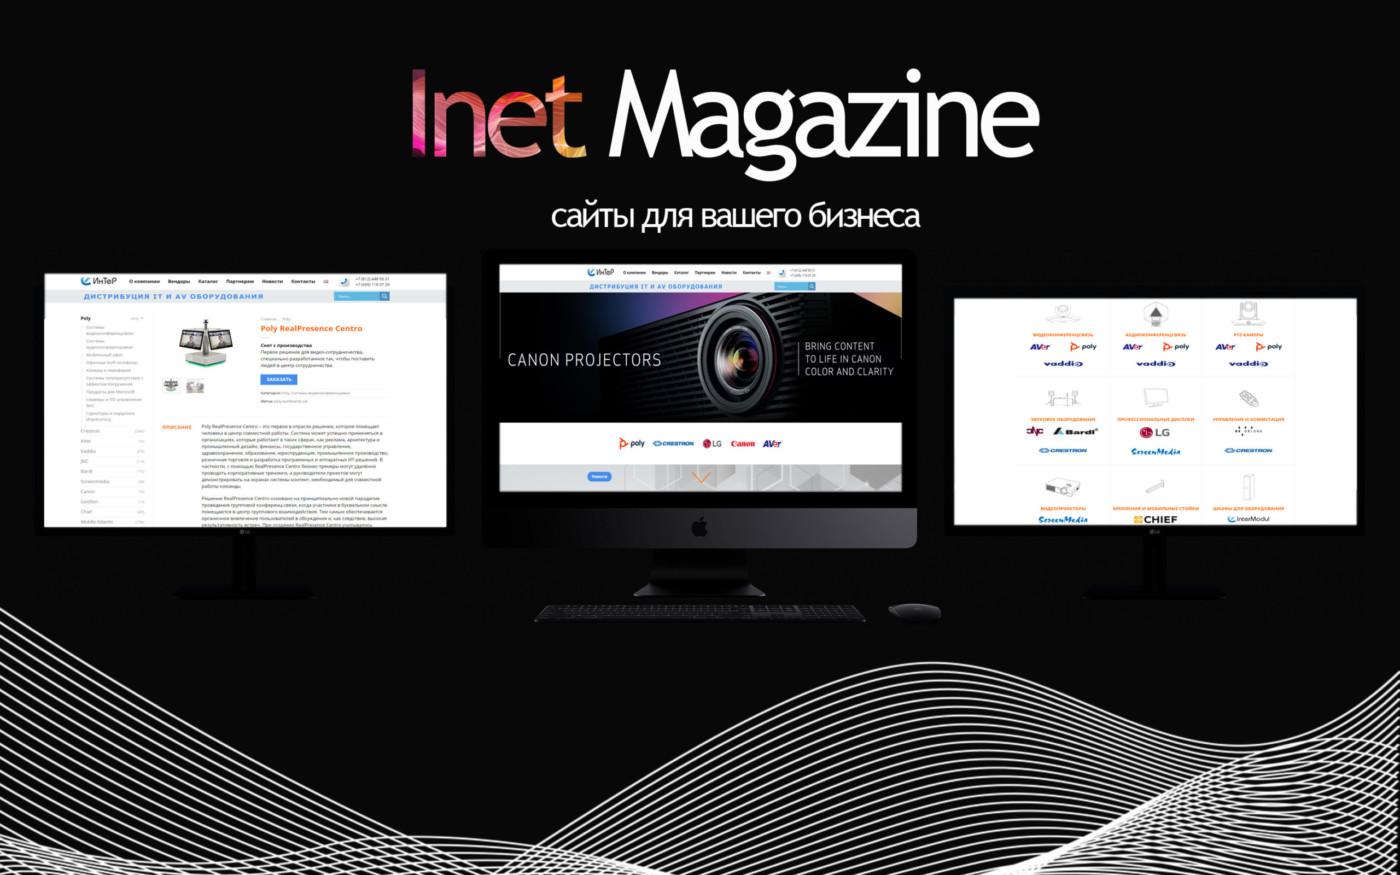 Интернет-магазин для дистрибьюторской компании по IT и AV оборудованию